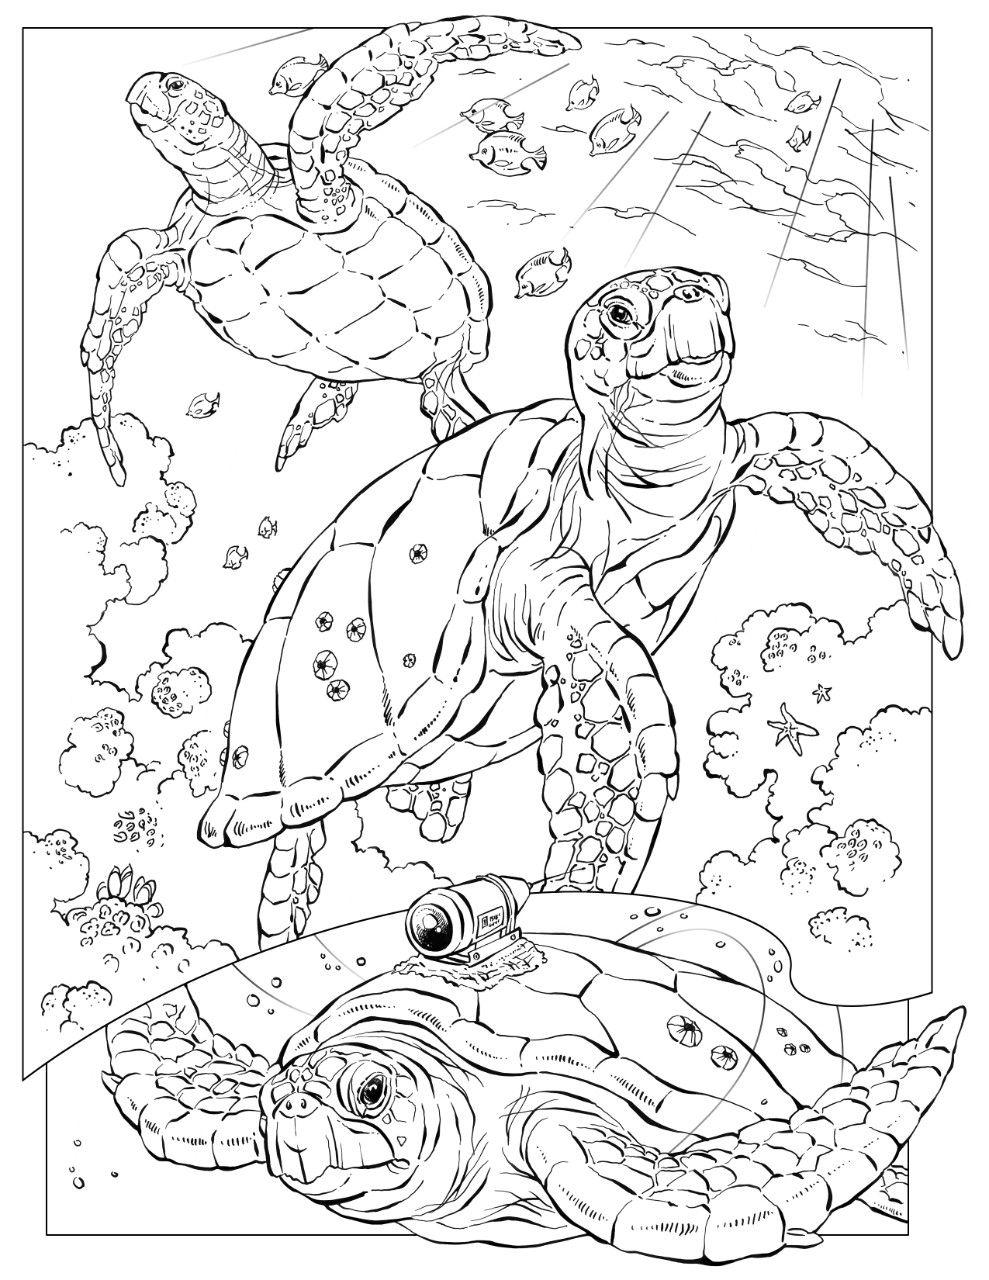 loggerhead-sea-turtle-coloring-thumb